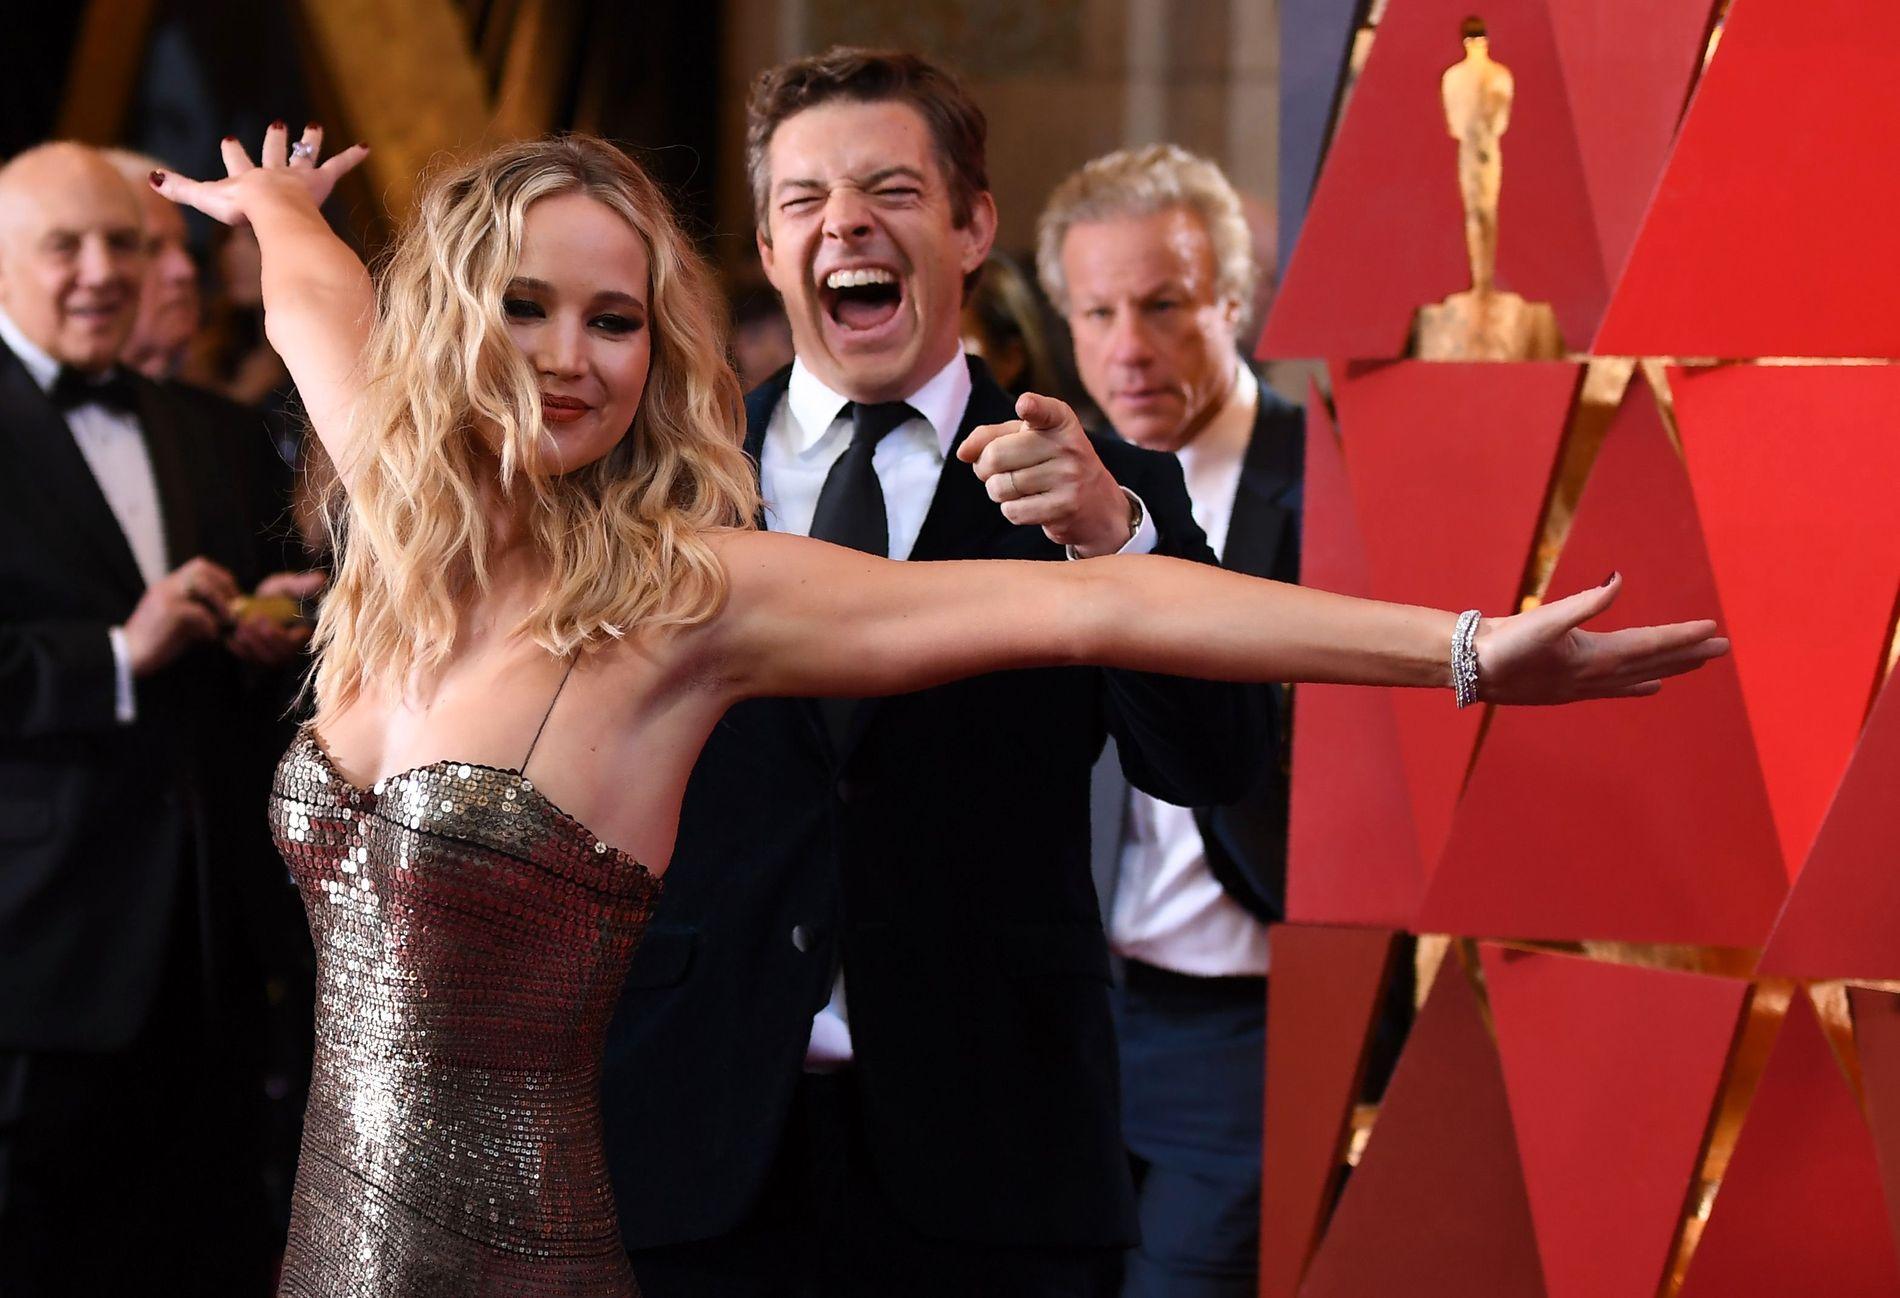 FILMDRONNING: Jennifer Lawrence liker å slå seg løs på rød løper, som her under Oscar-utdelingen i Los Angeles i mars.